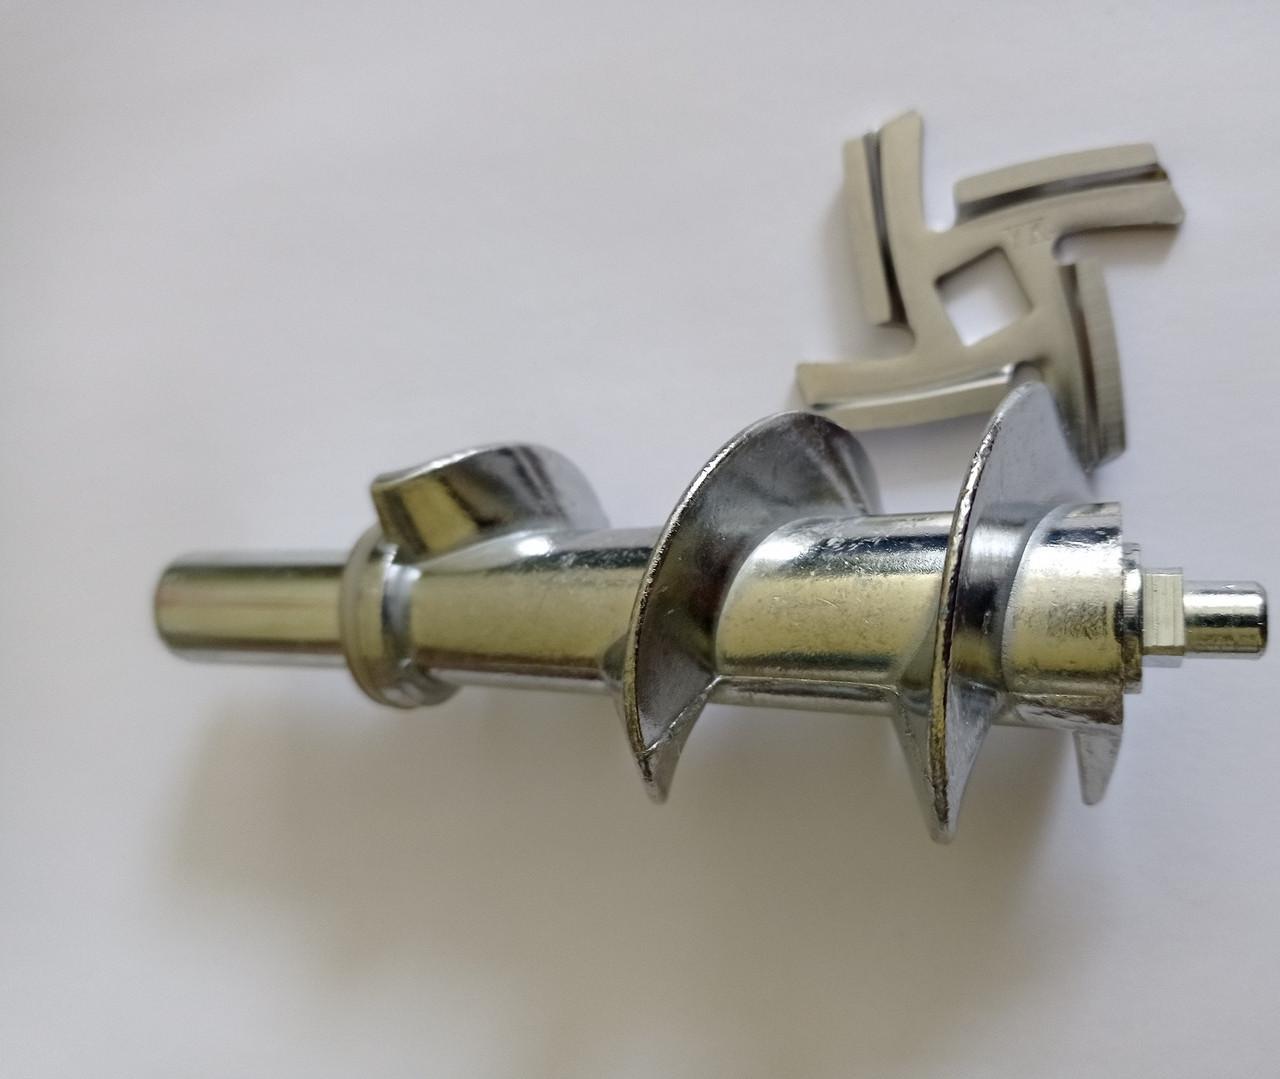 Шнек і ніж для м'ясорубки (Грюнхельм) GRUNHELM AMG-220 SB